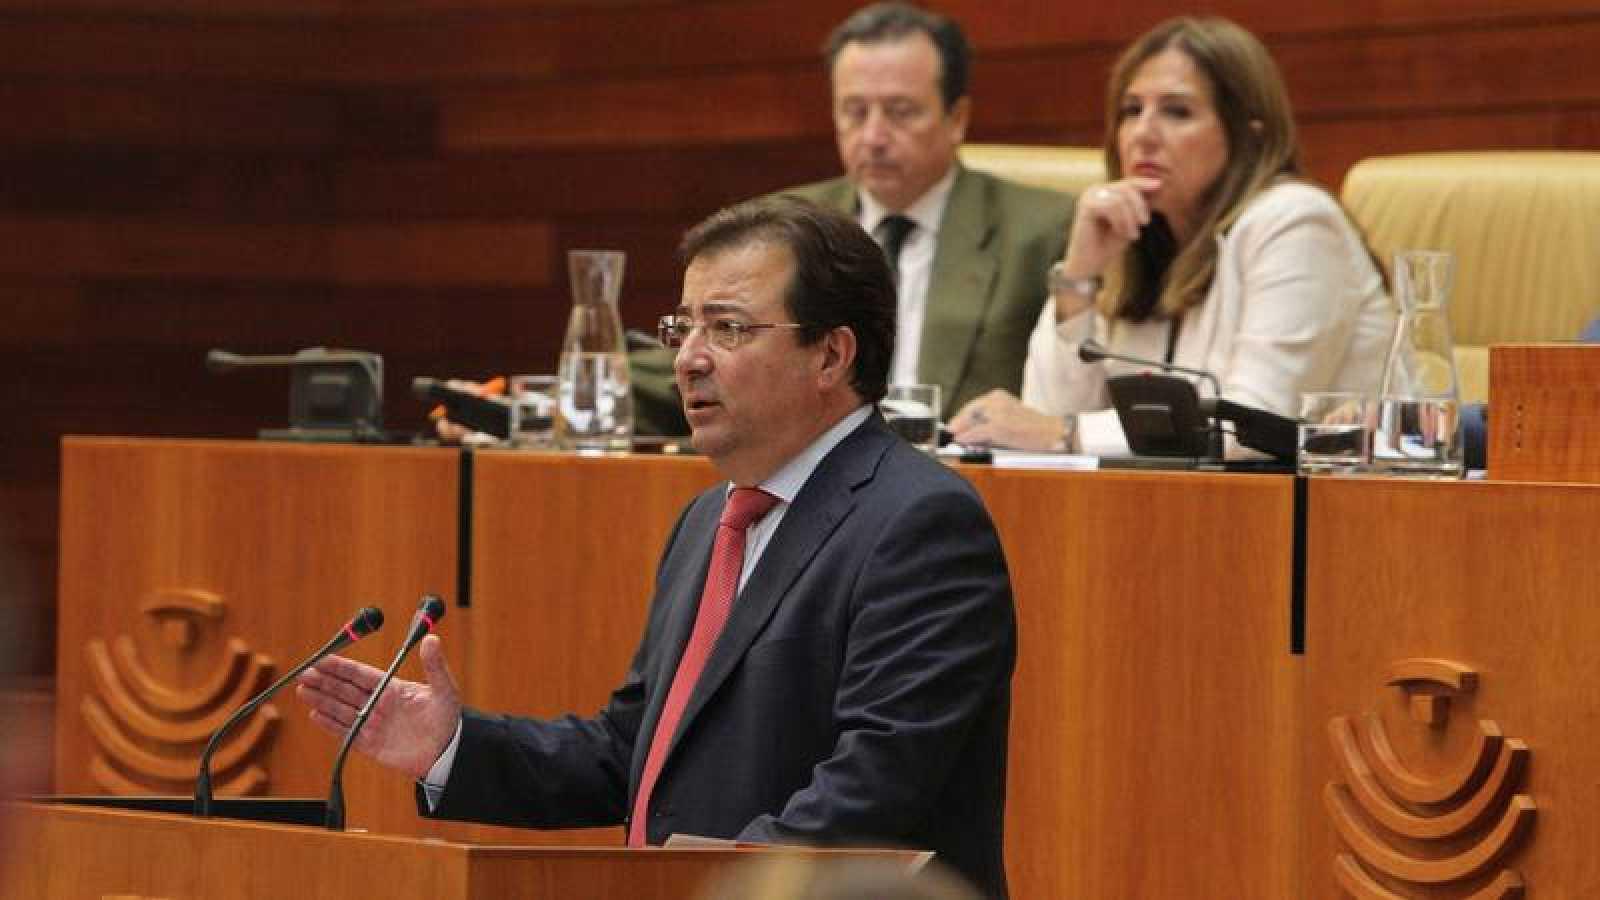 El candidato socialista a la Presidencia de la Junta de Extremadura, Guillermo Fernández Vara, pronuncia su discurso de investidura